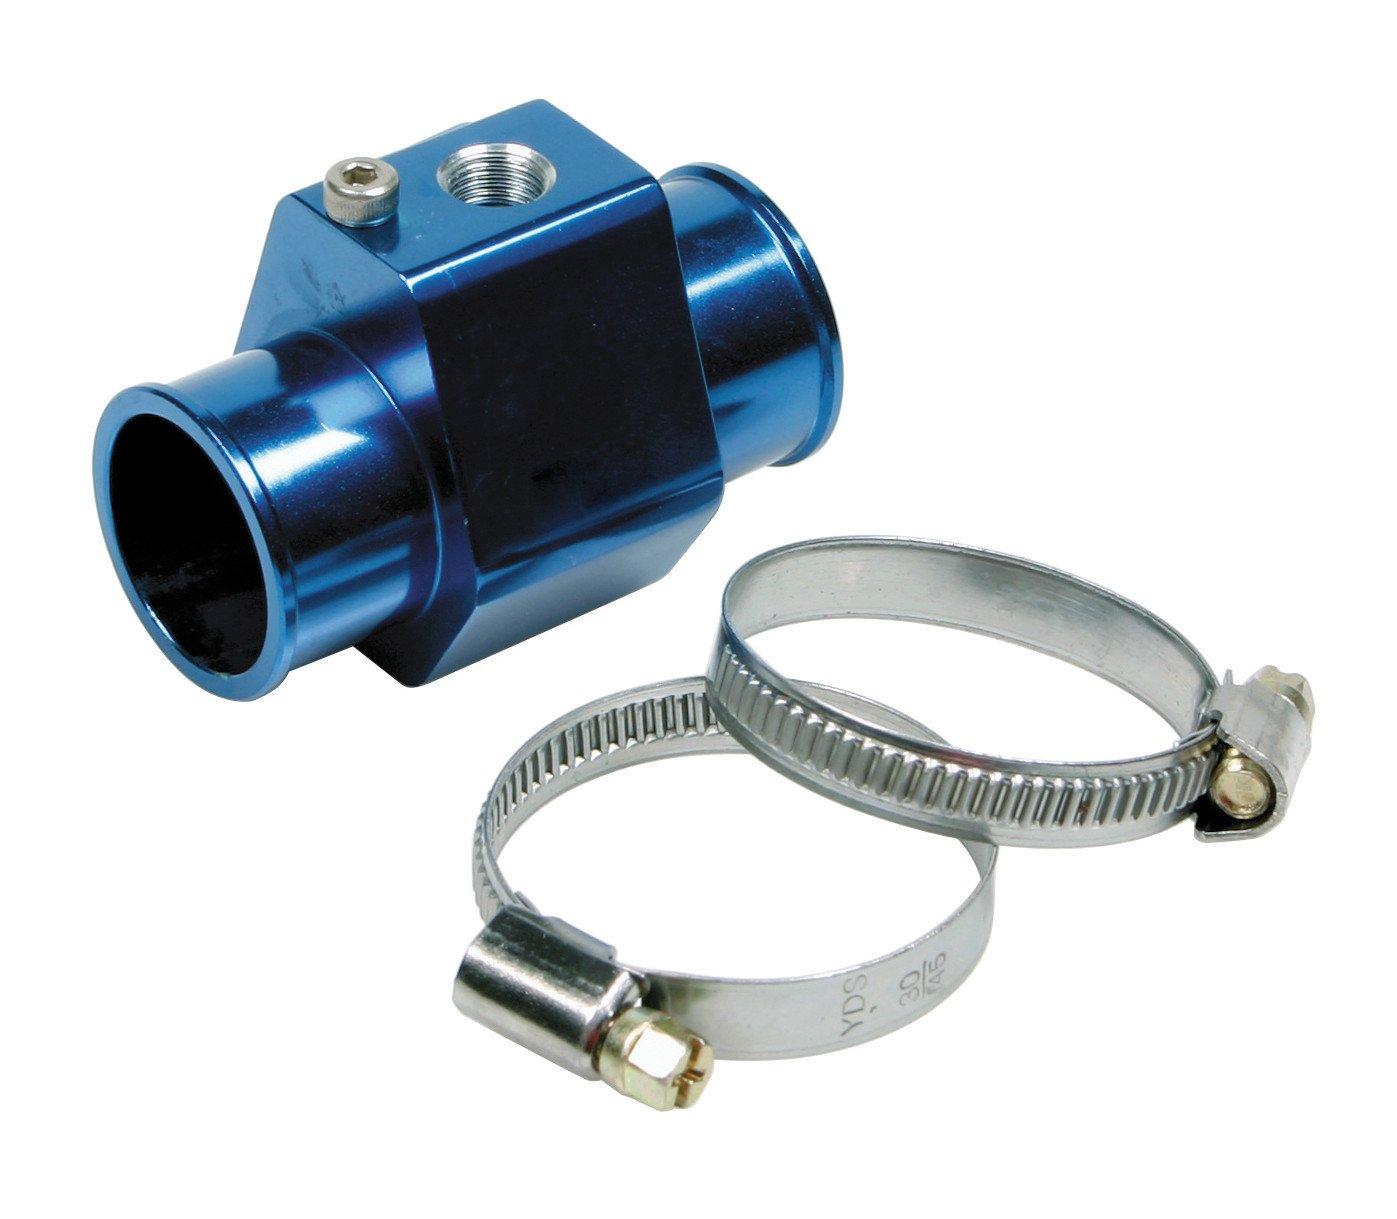 Lampa 10080 Sensore Temperatura Acqua, Raccordo 30 mm